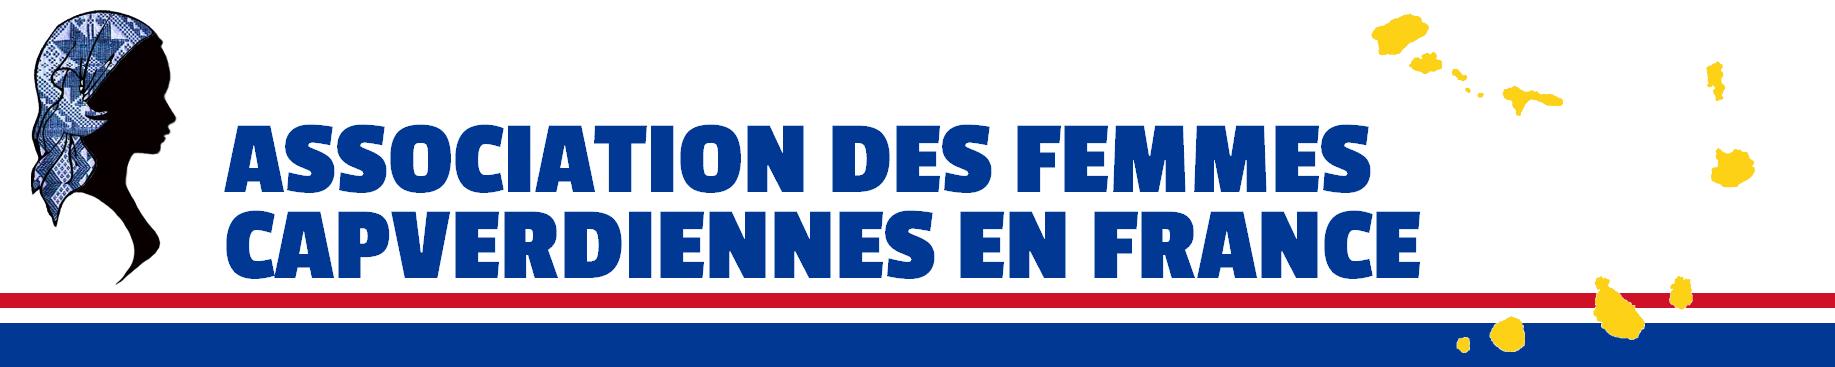 ASSOCIATION DES FEMMES CAPVERDIENNES EN FRANCE